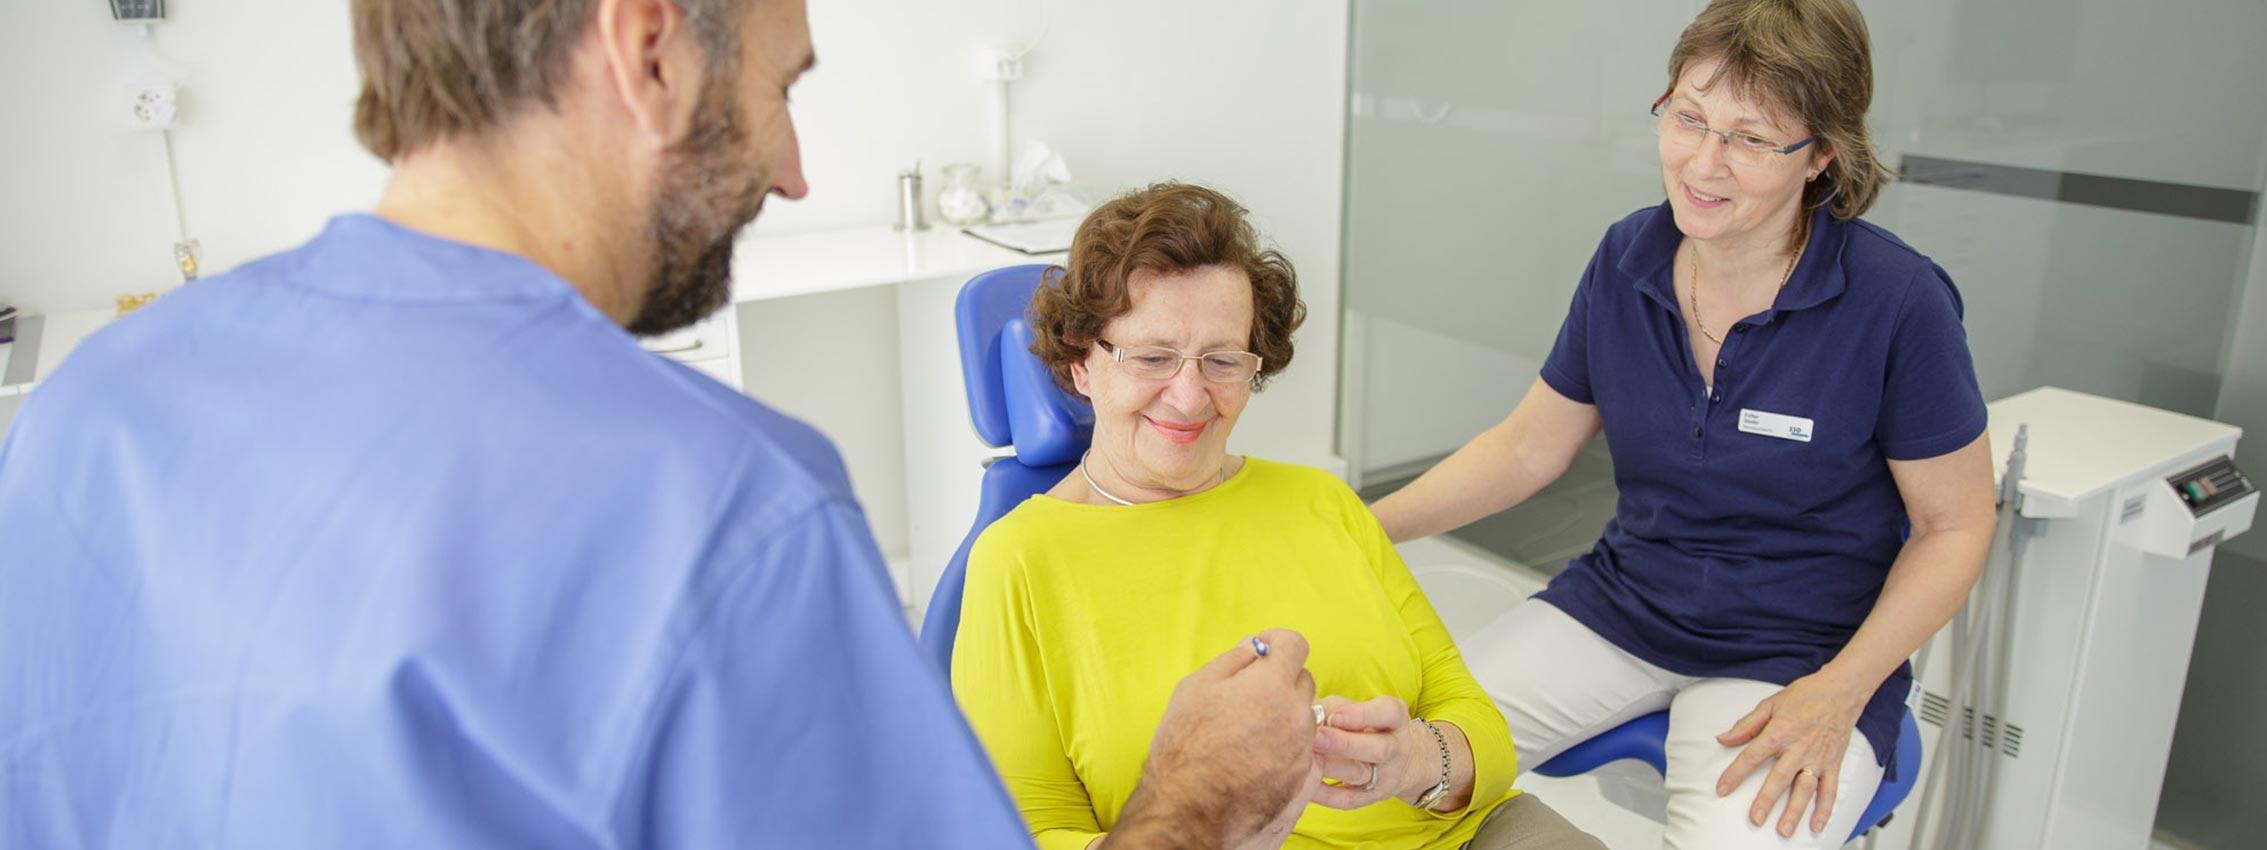 implantate-egerkingen-content1